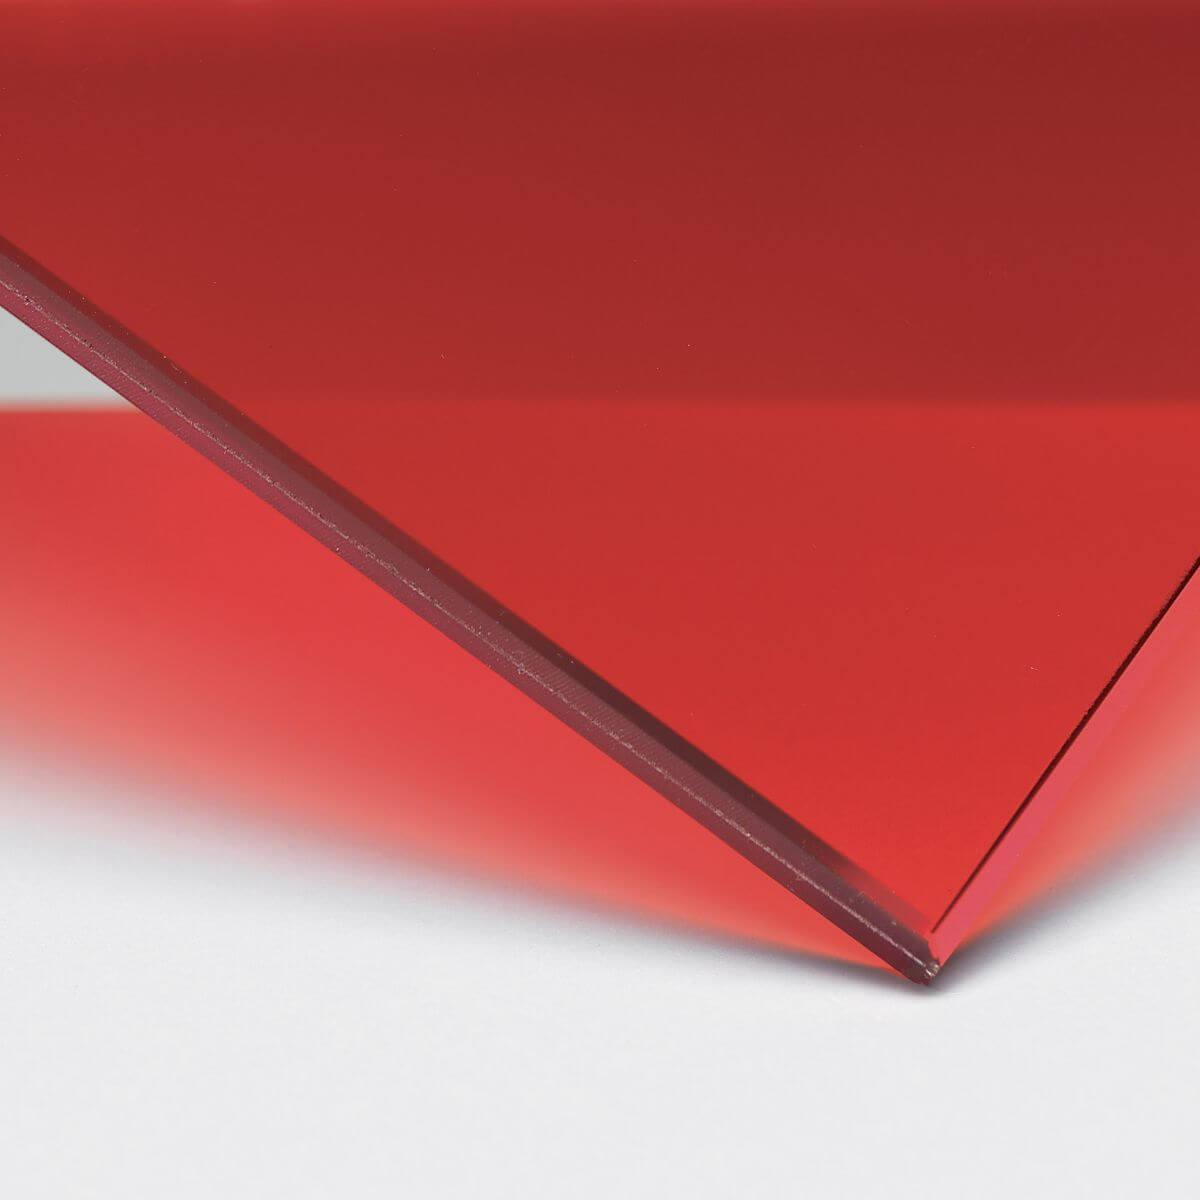 Finitura: Vetro con pellicola interna rossa trasparente